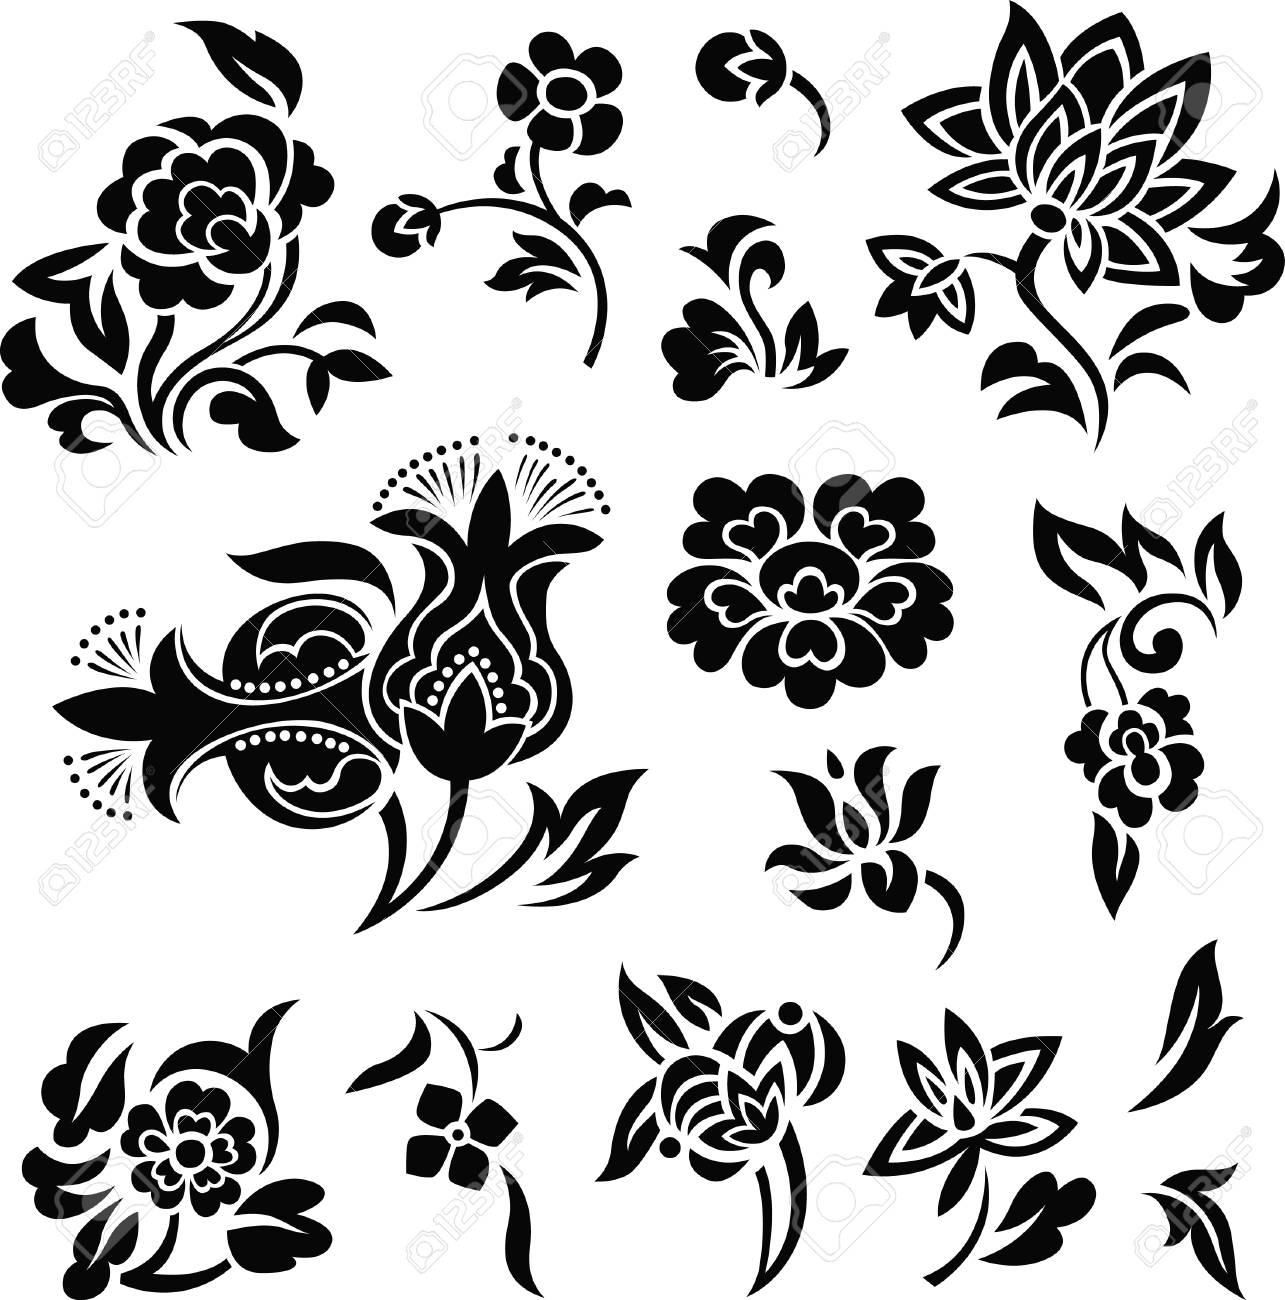 flower set illustration Stock Vector - 7254910